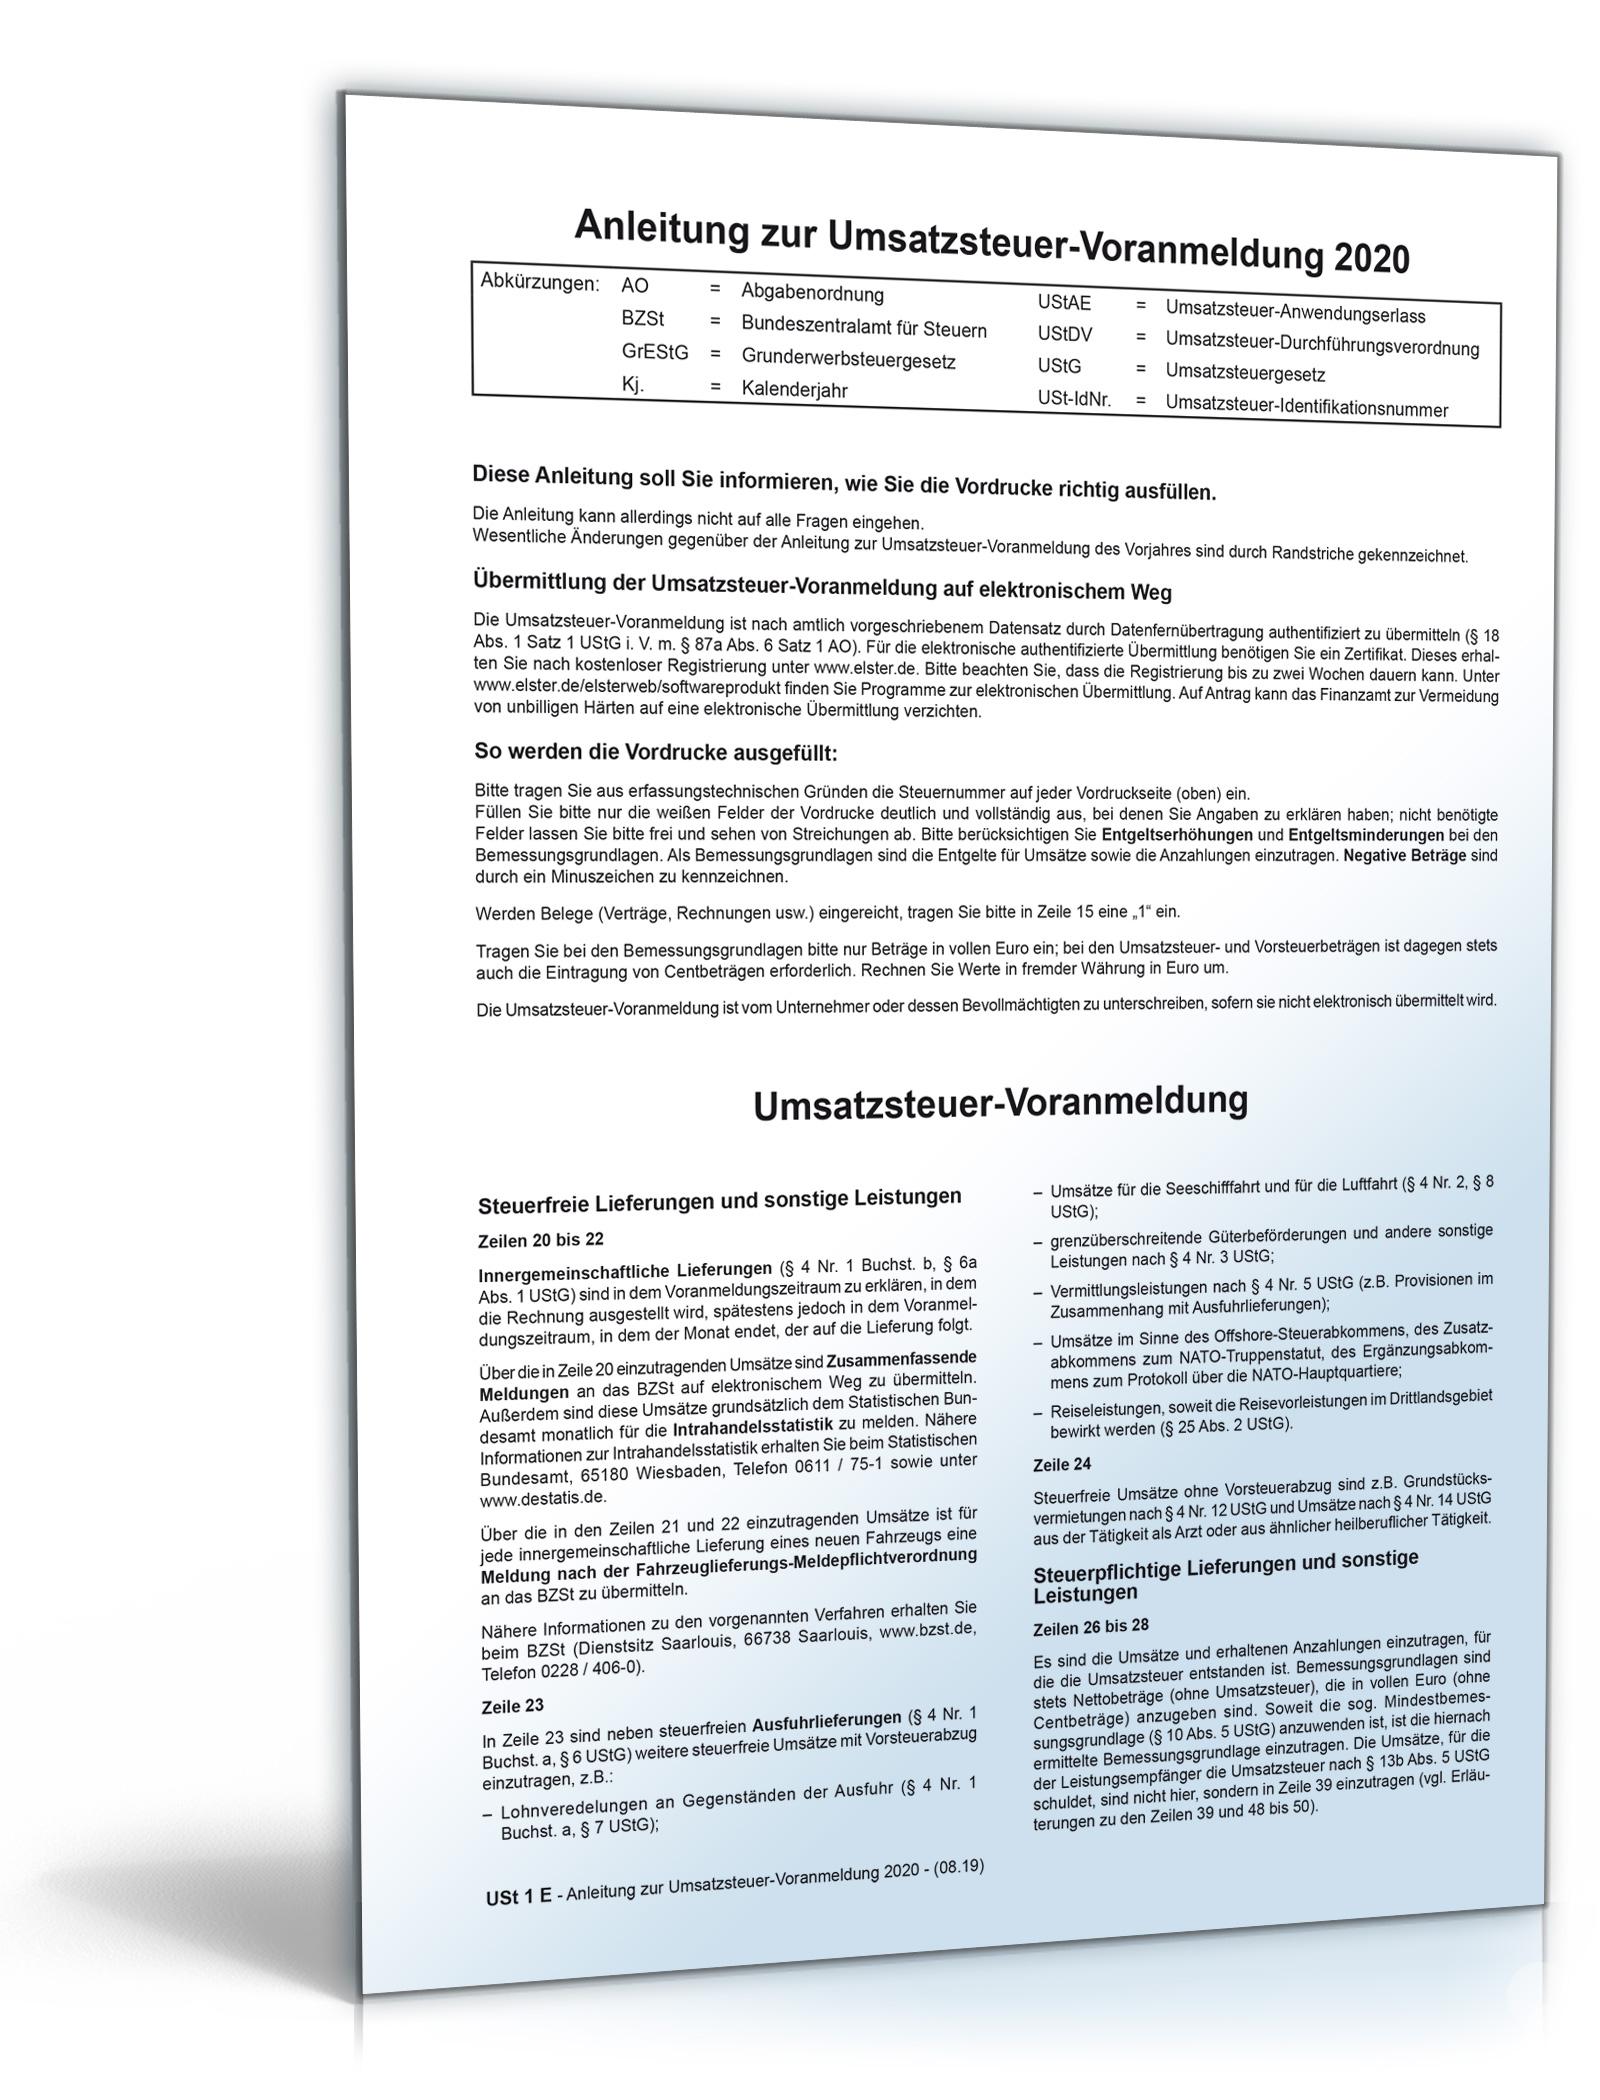 Anleitung Umsatzsteuervoranmeldung 2021 Dokument zum Download